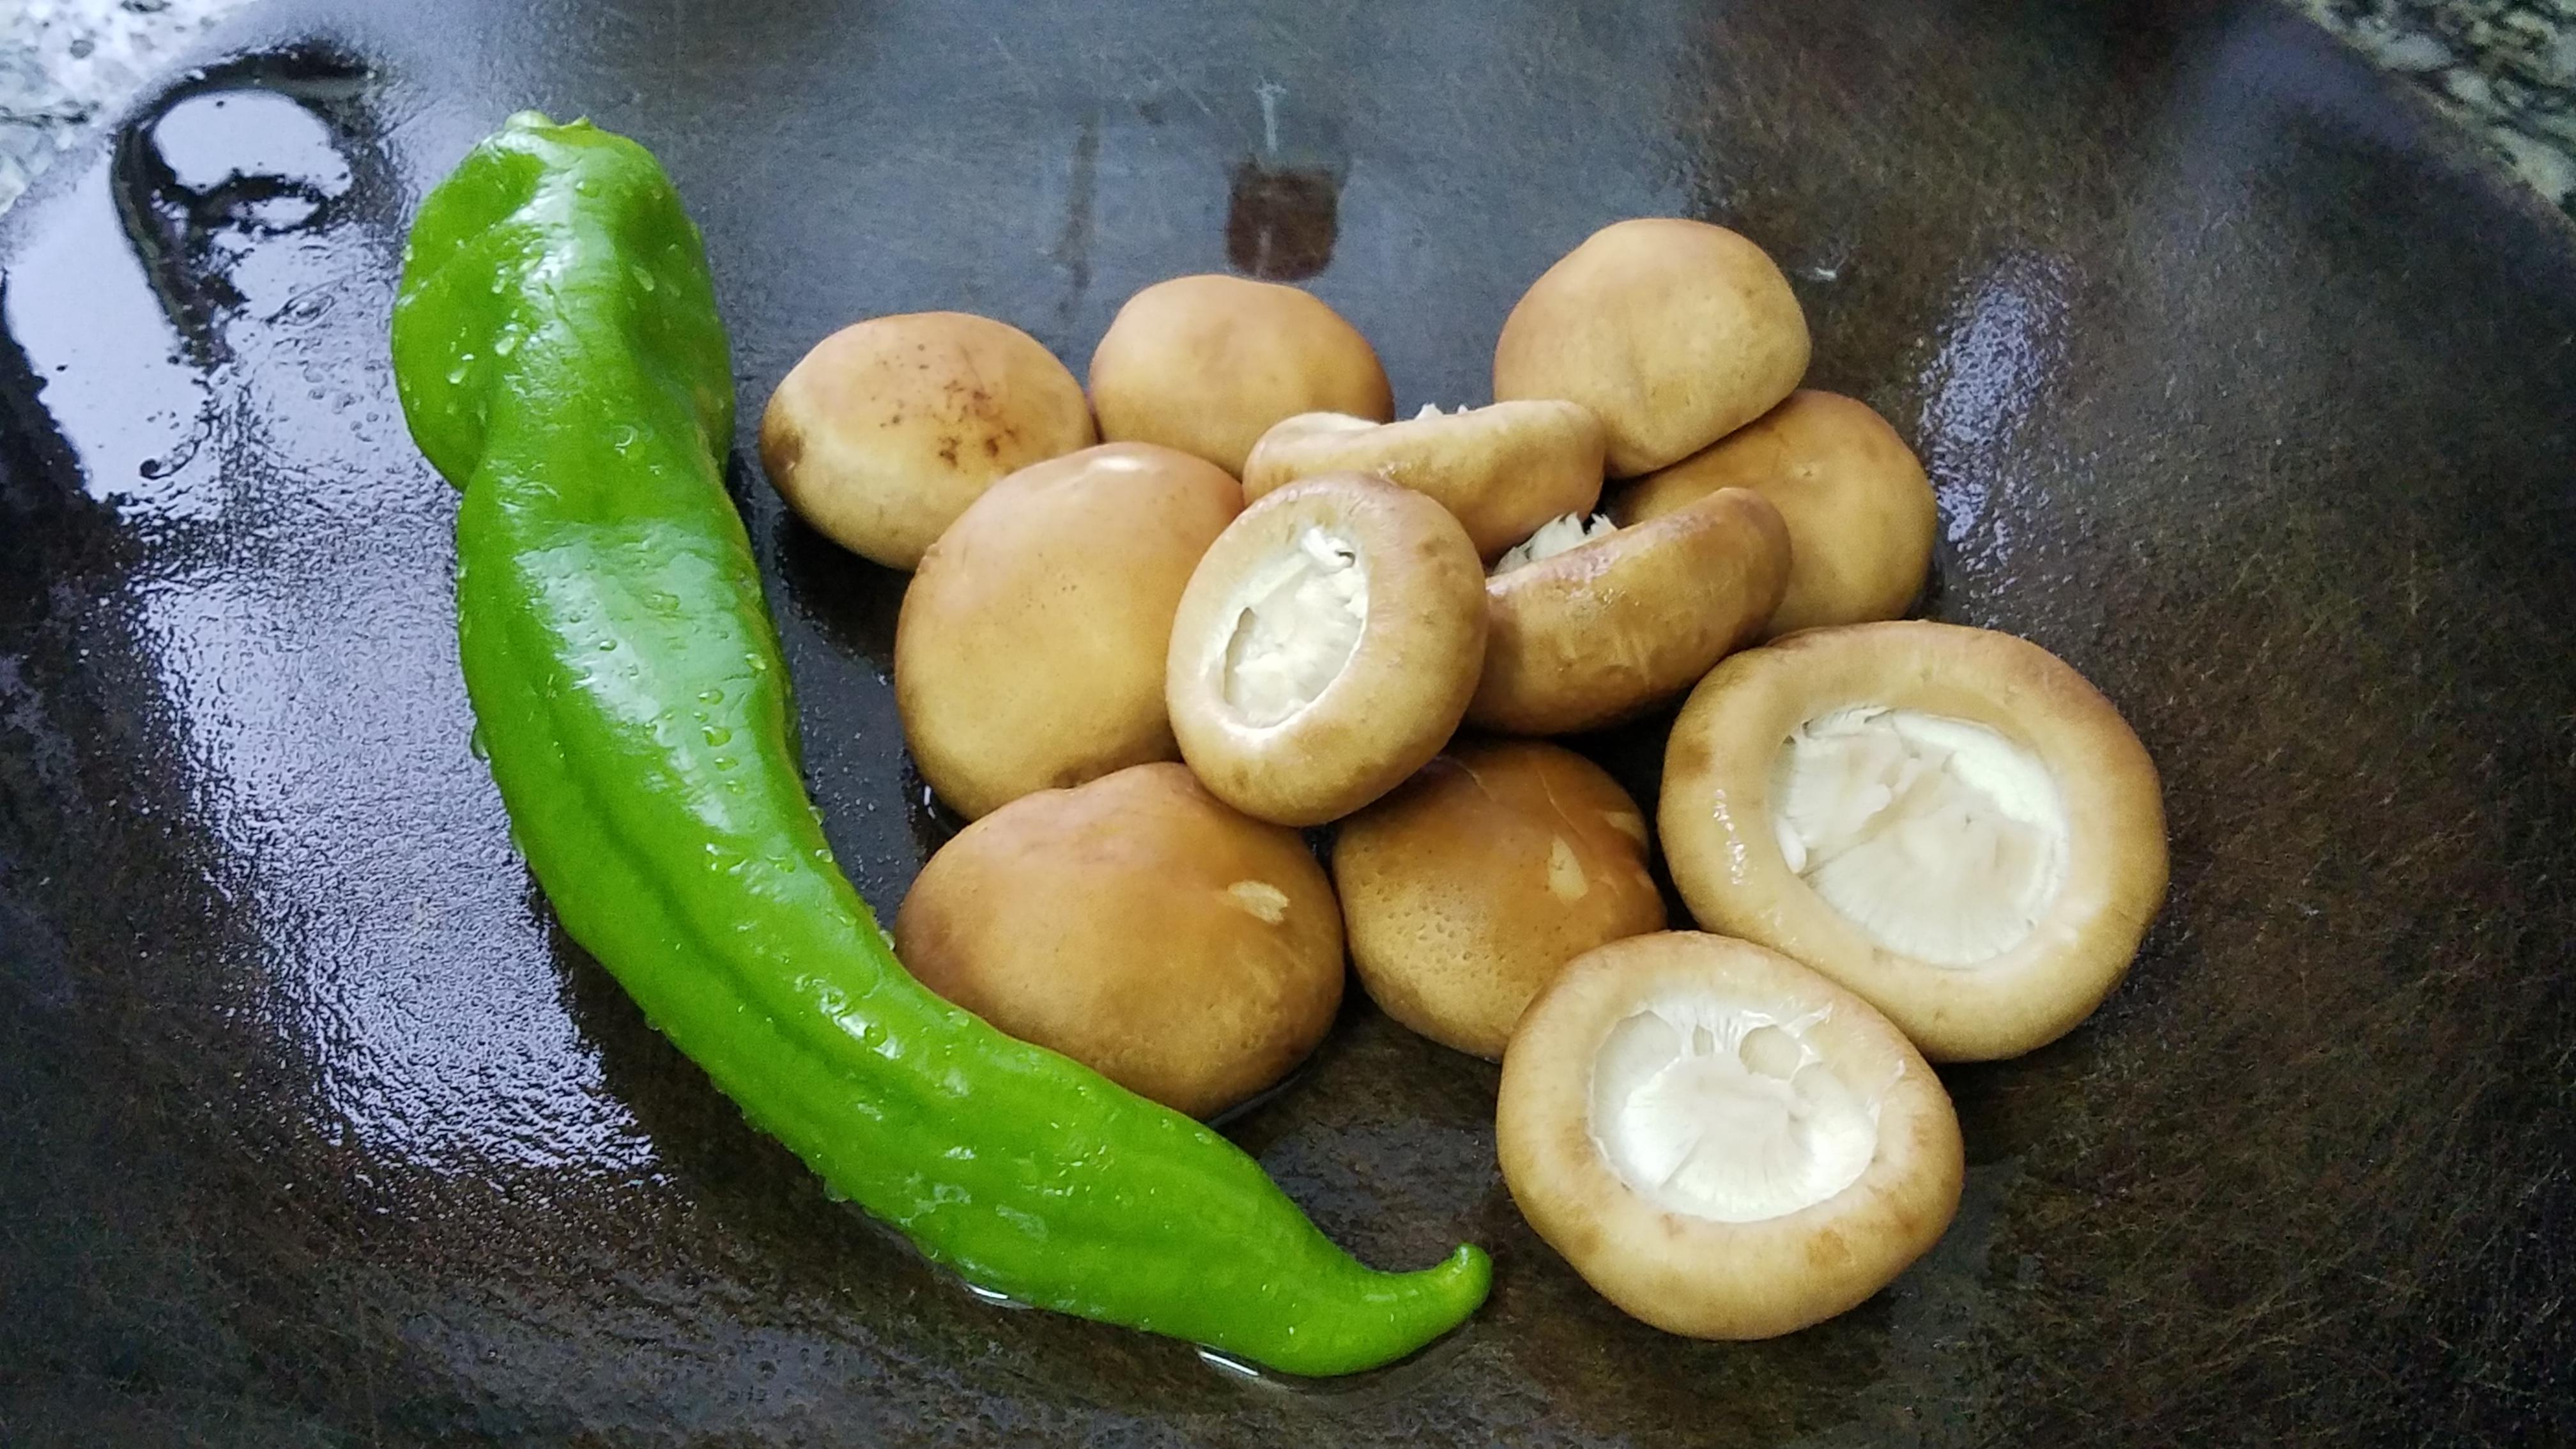 香菇的家常做法,鲜香美味又营养,家里人很喜欢吃的一道家常菜